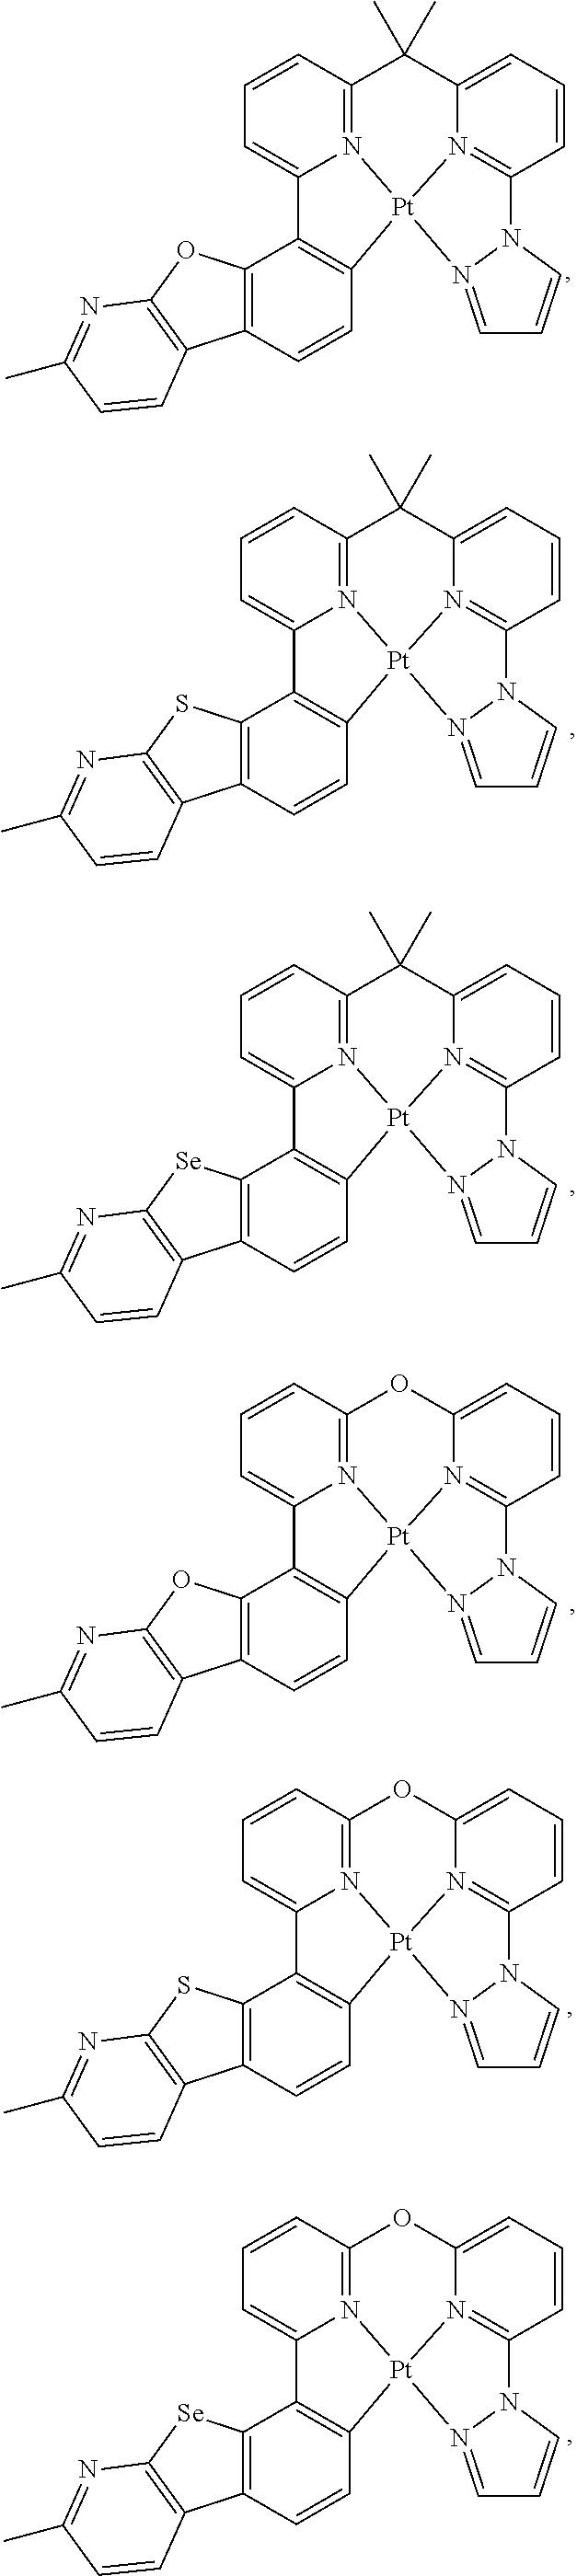 Figure US09871214-20180116-C00280